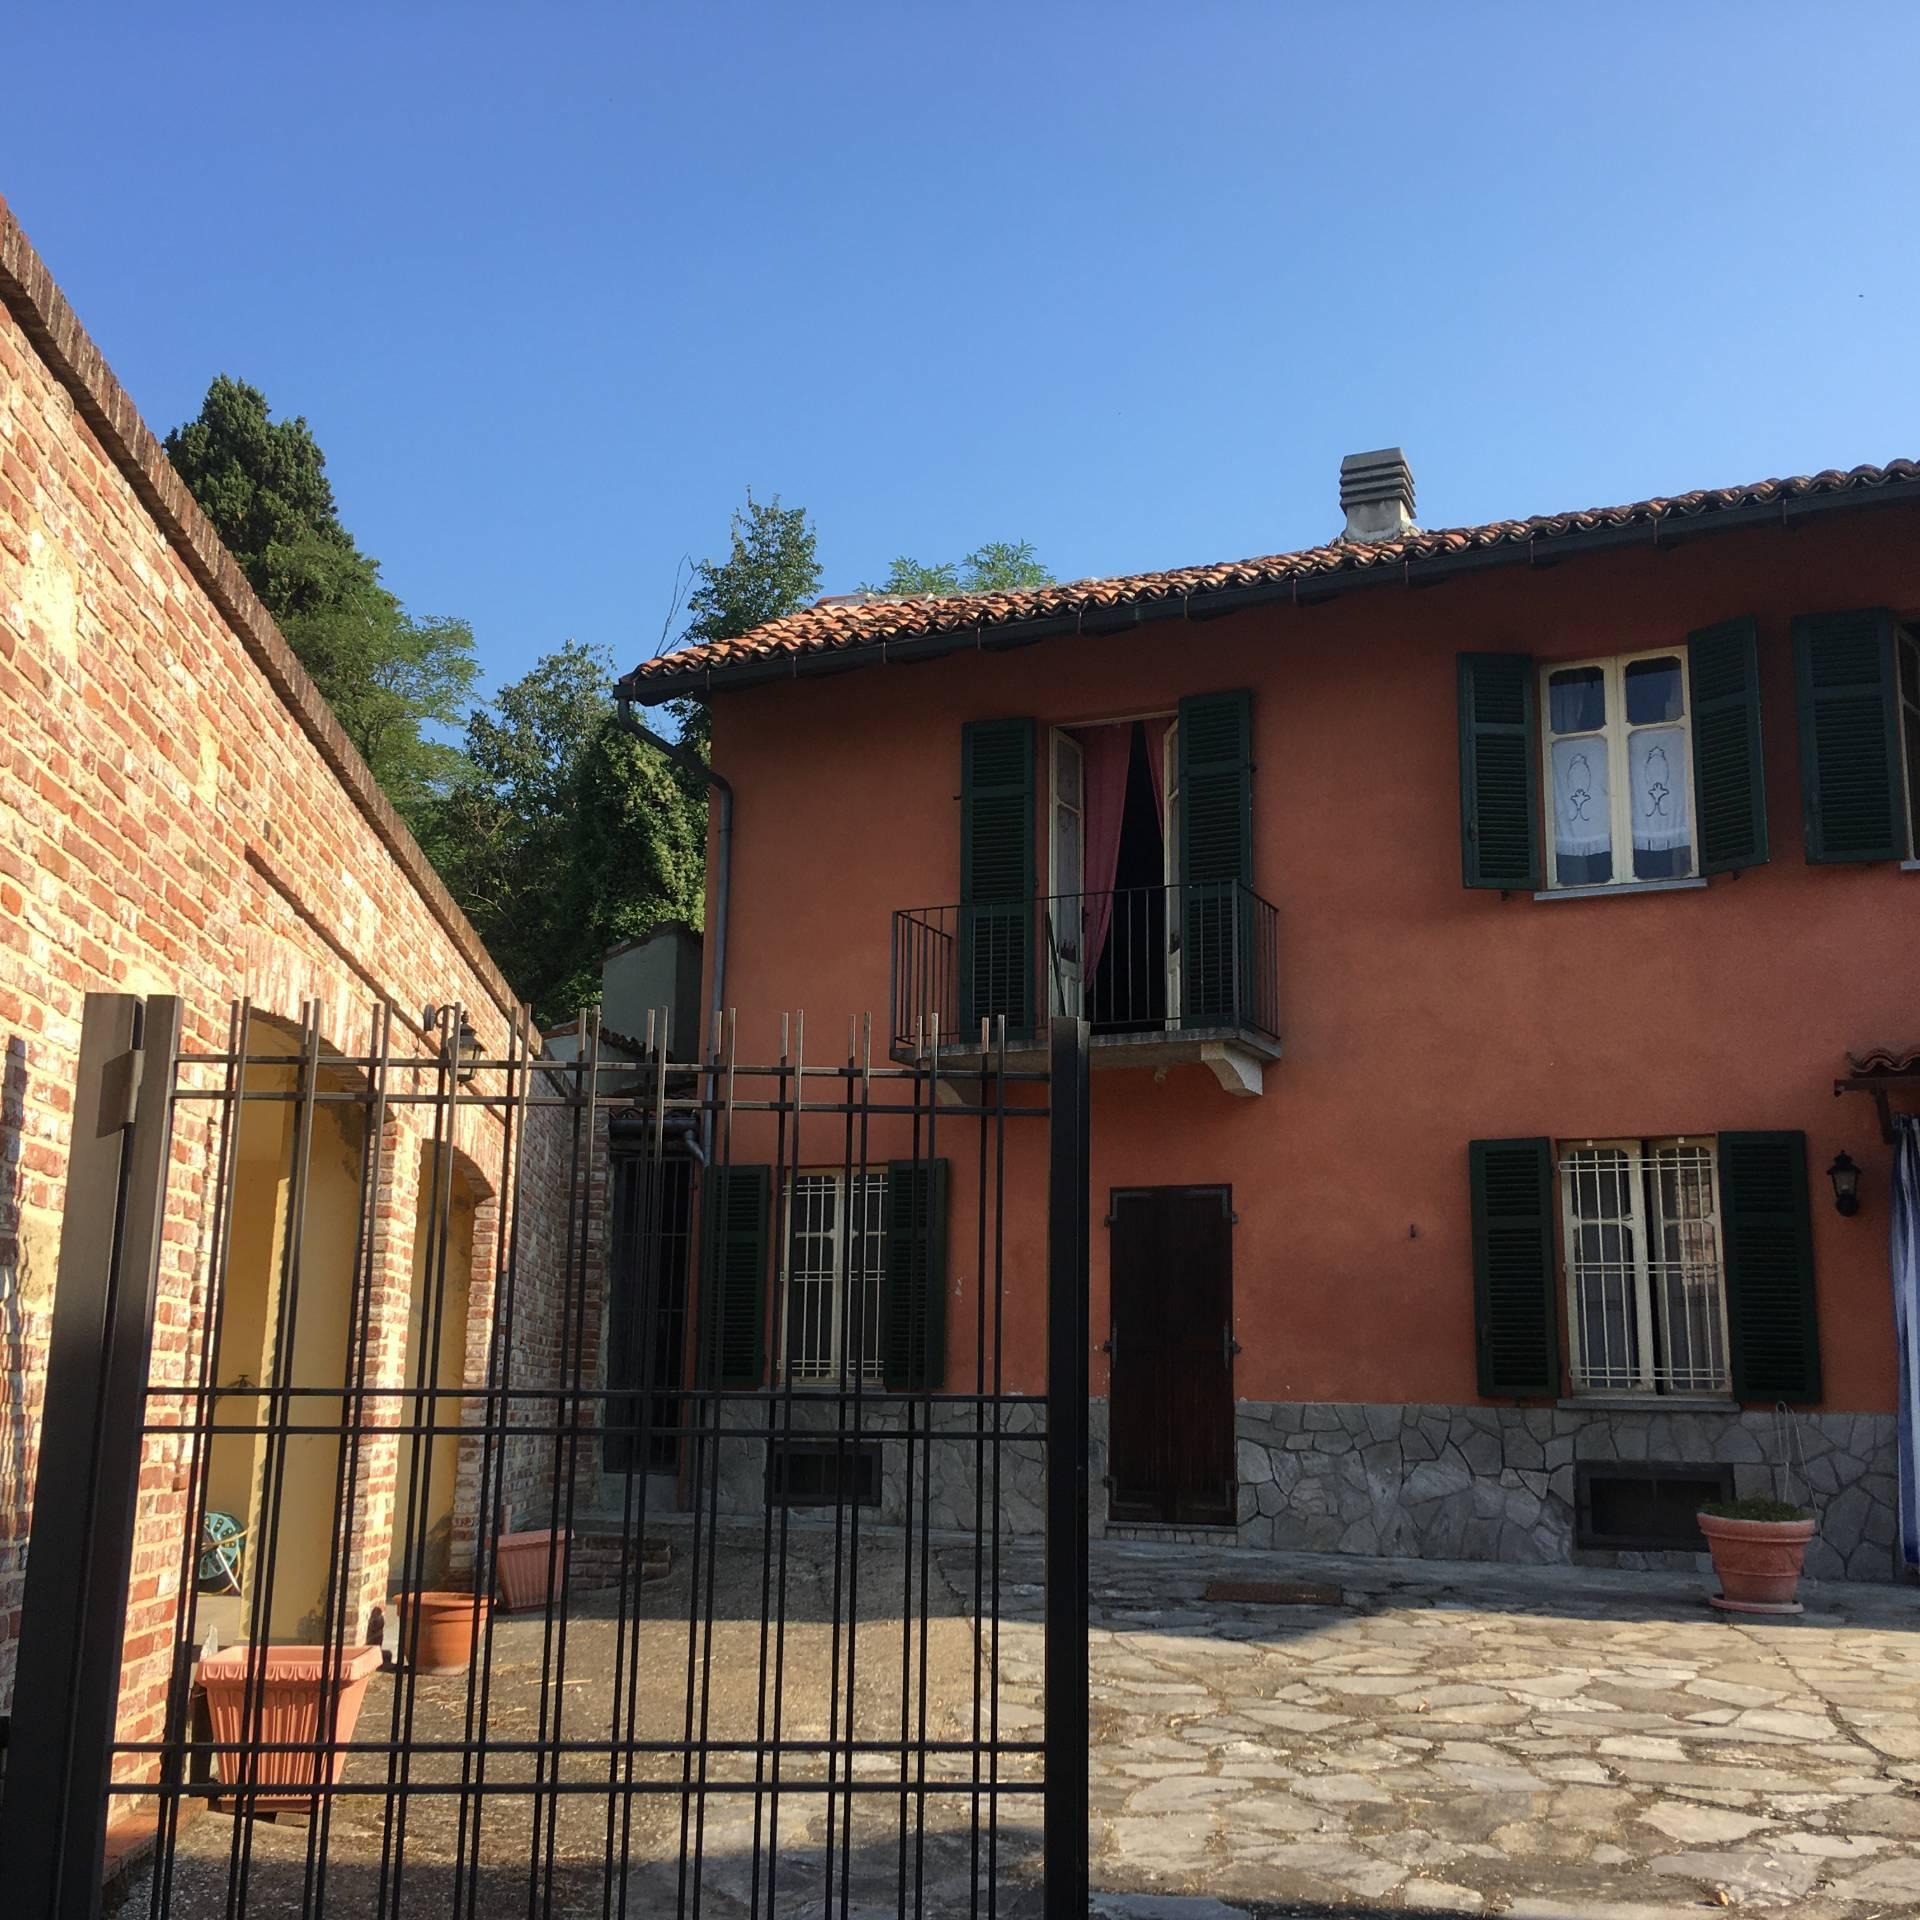 Vignale Monferrato, Via Giuseppe Verdi